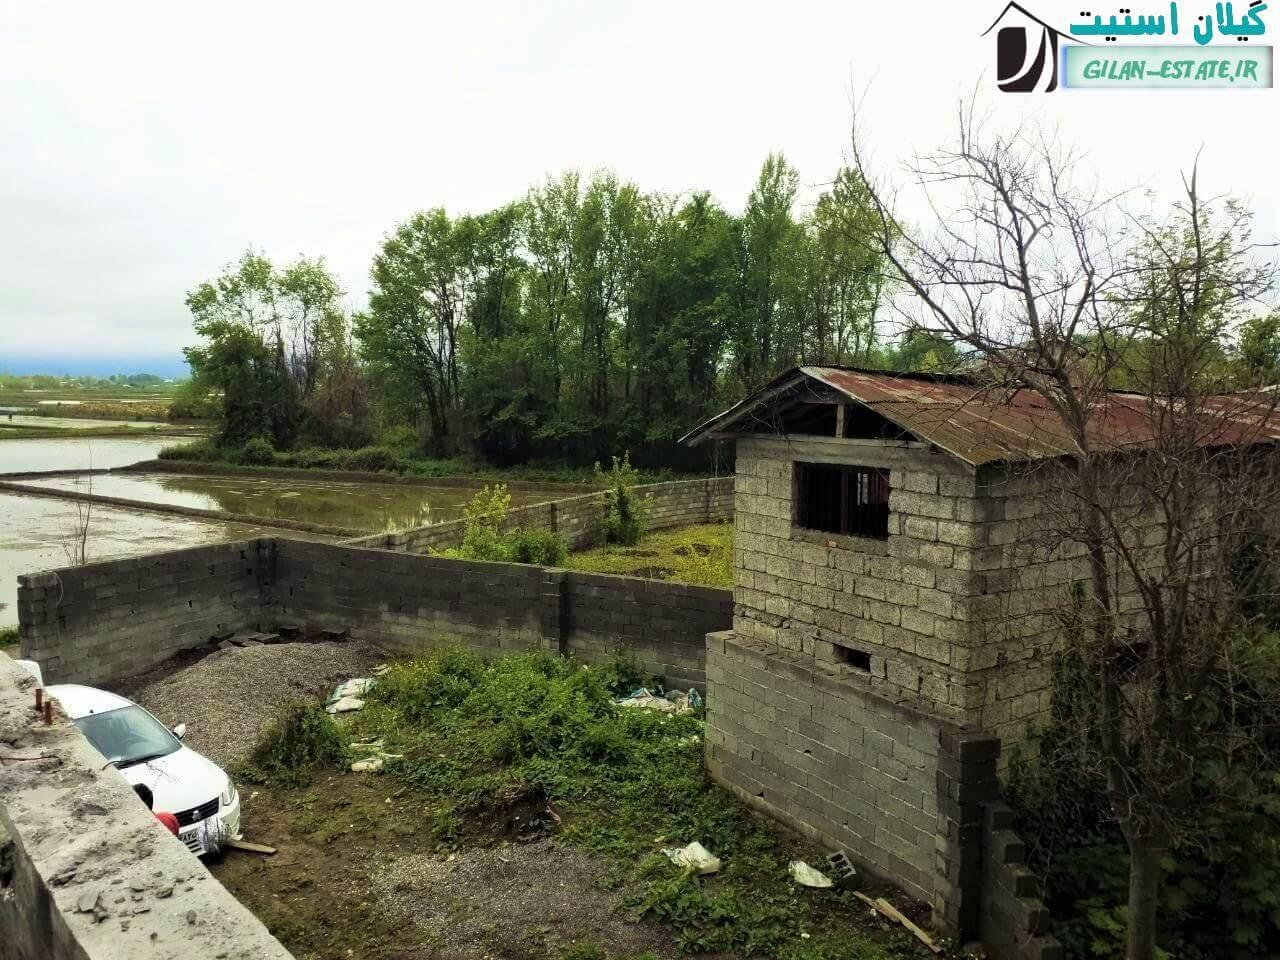 فروش خانه کلنگی رودسر - 407 متر